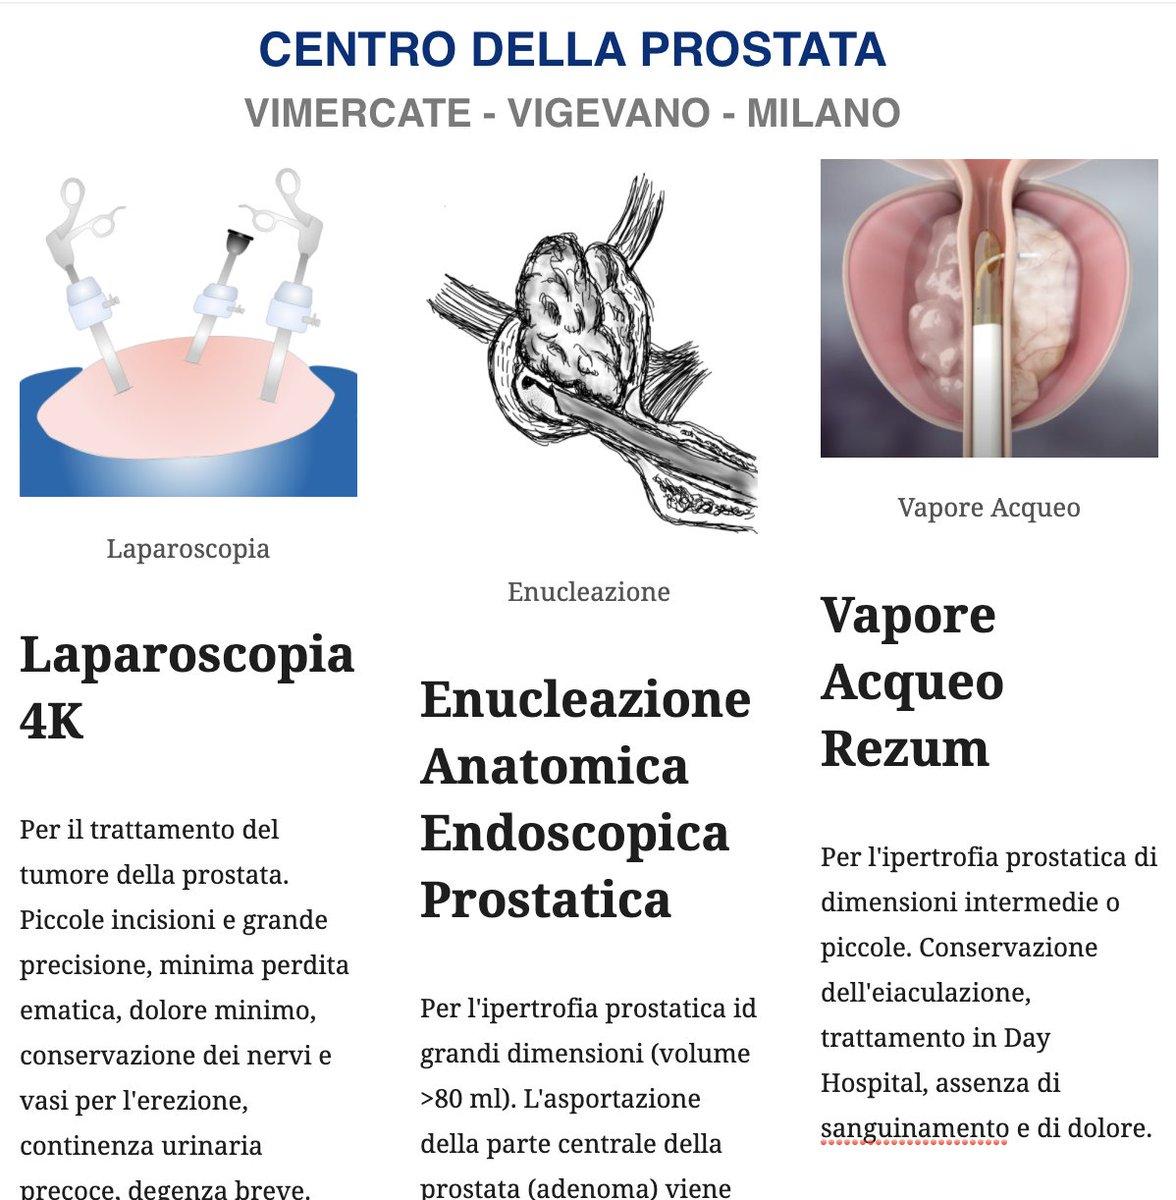 Sì, questo è il Centro della Prostata. Tutte le soluzioni mininvasive. Tutto quello è realtà. #prostata #IPB #Rezum #AEEP #laparoscopia https://t.co/S3RA5acAdD